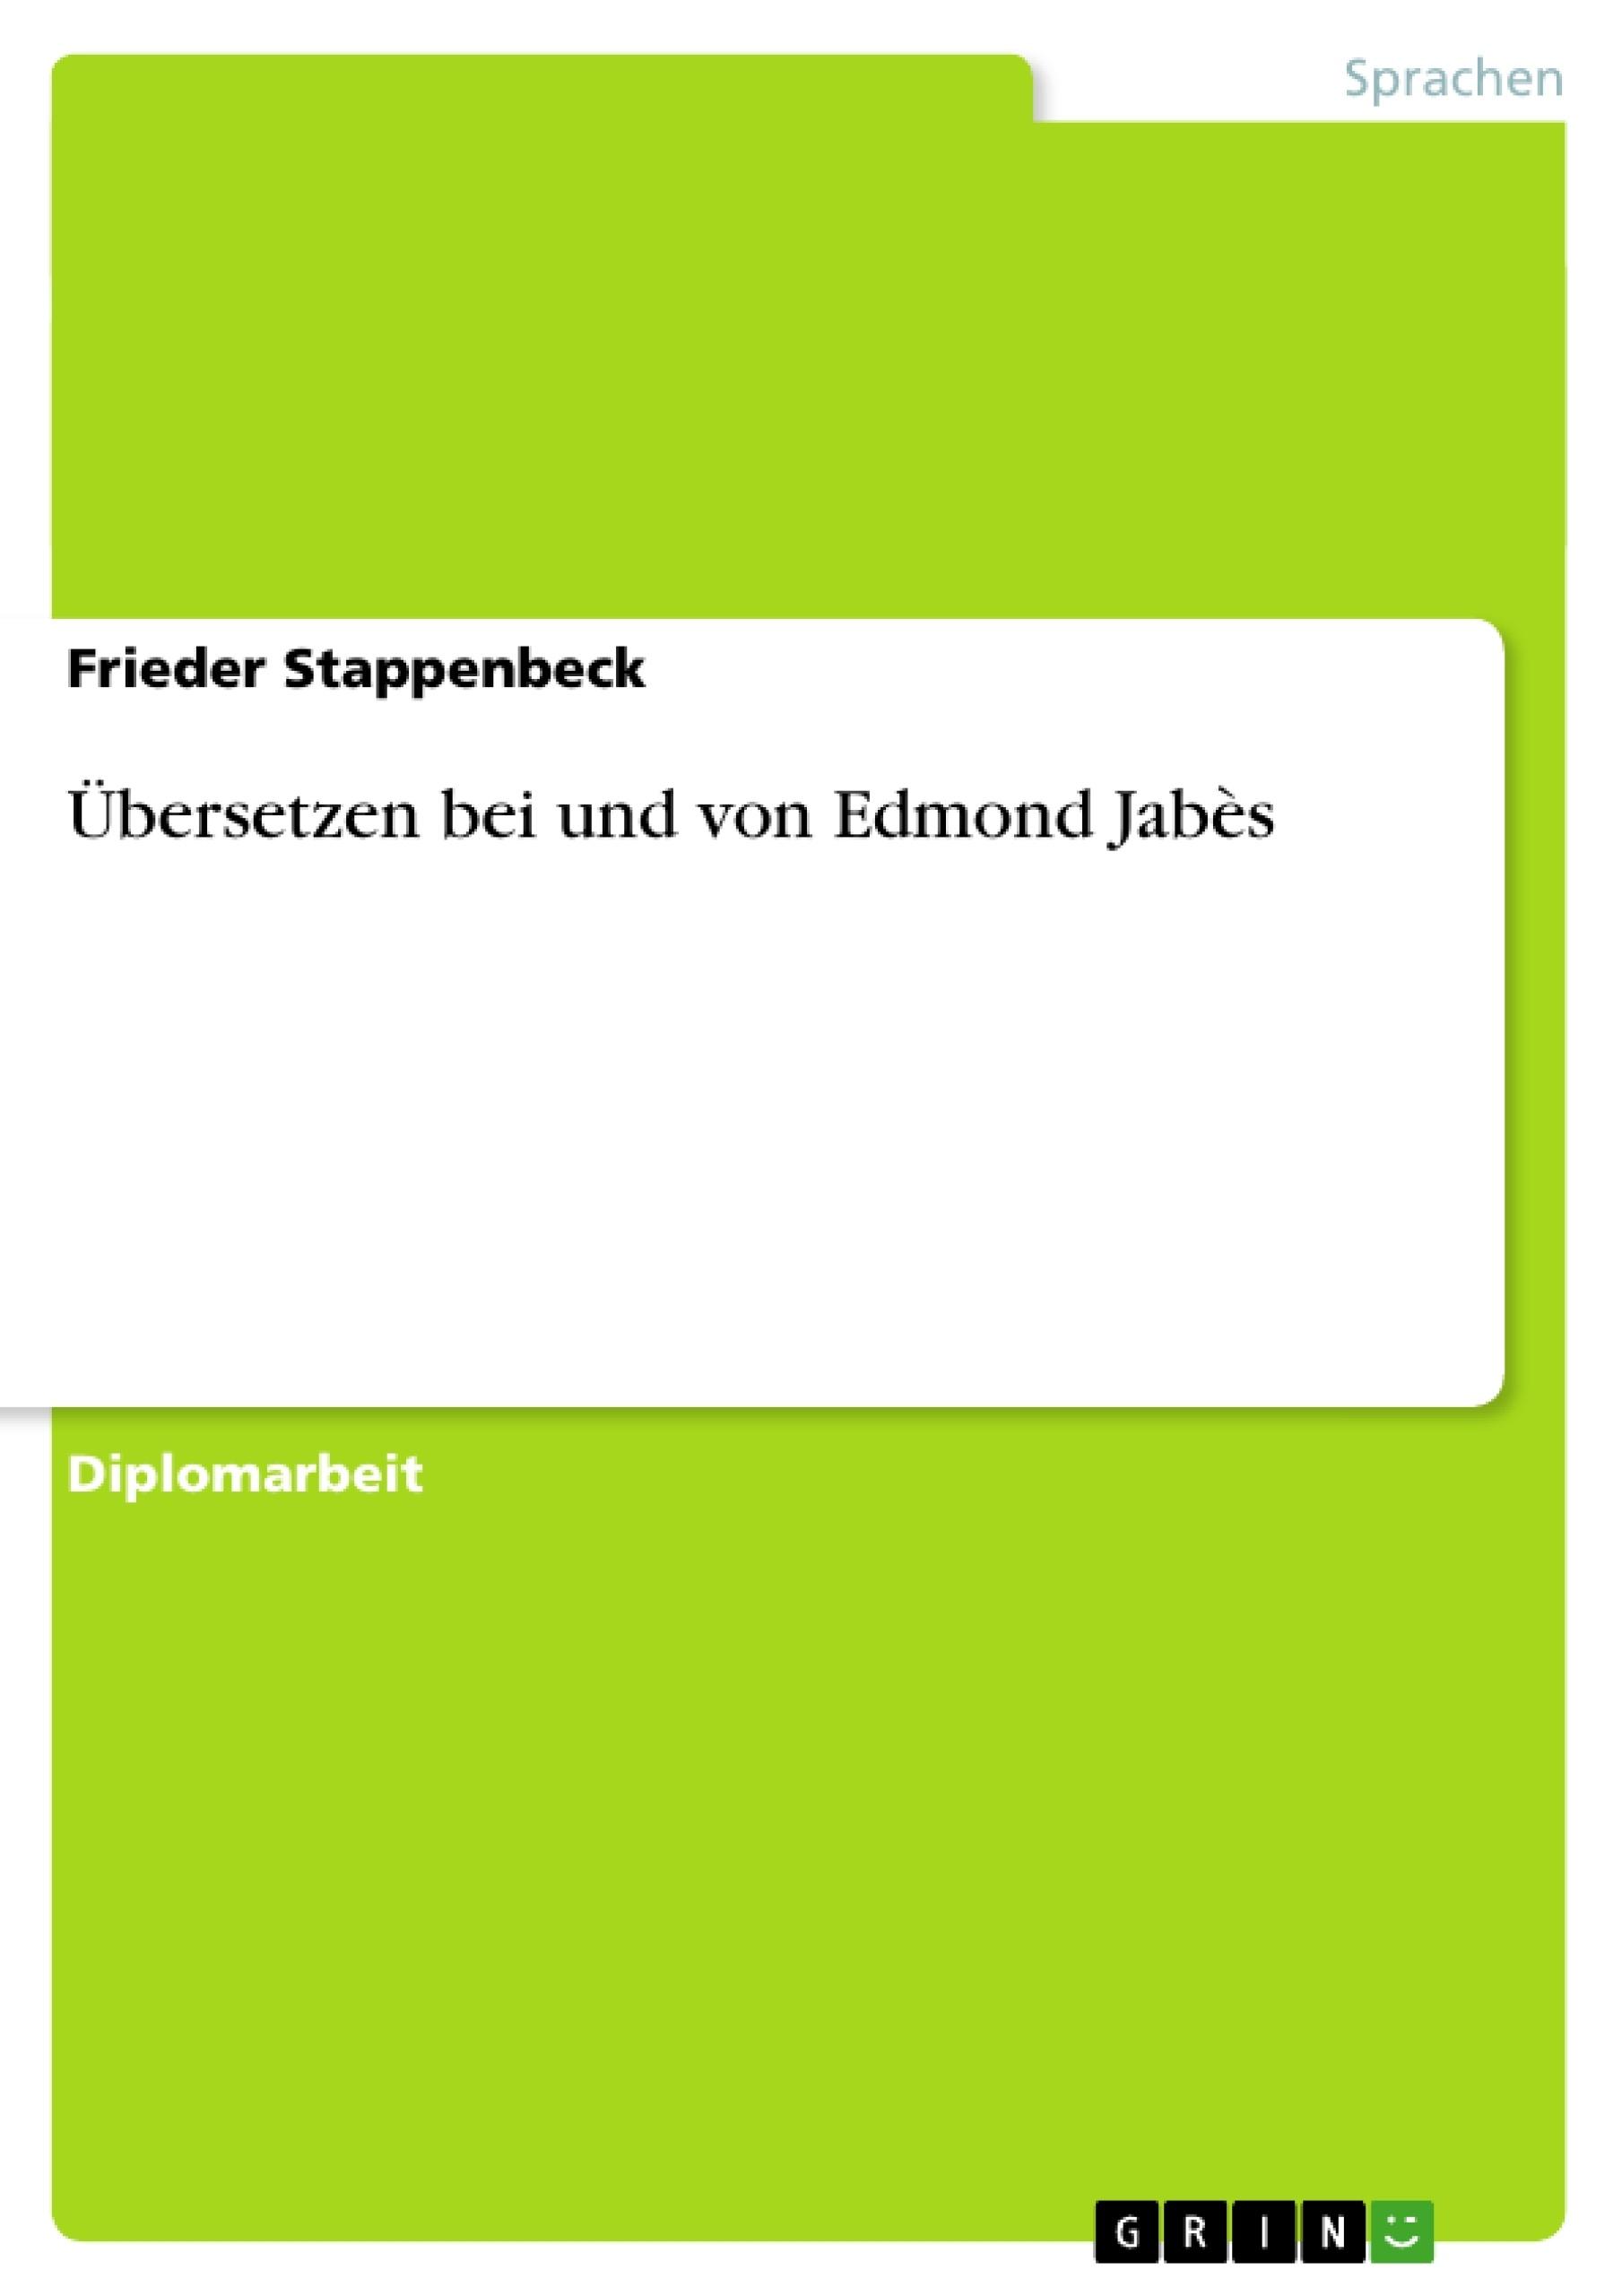 Titel: Übersetzen bei und von Edmond Jabès